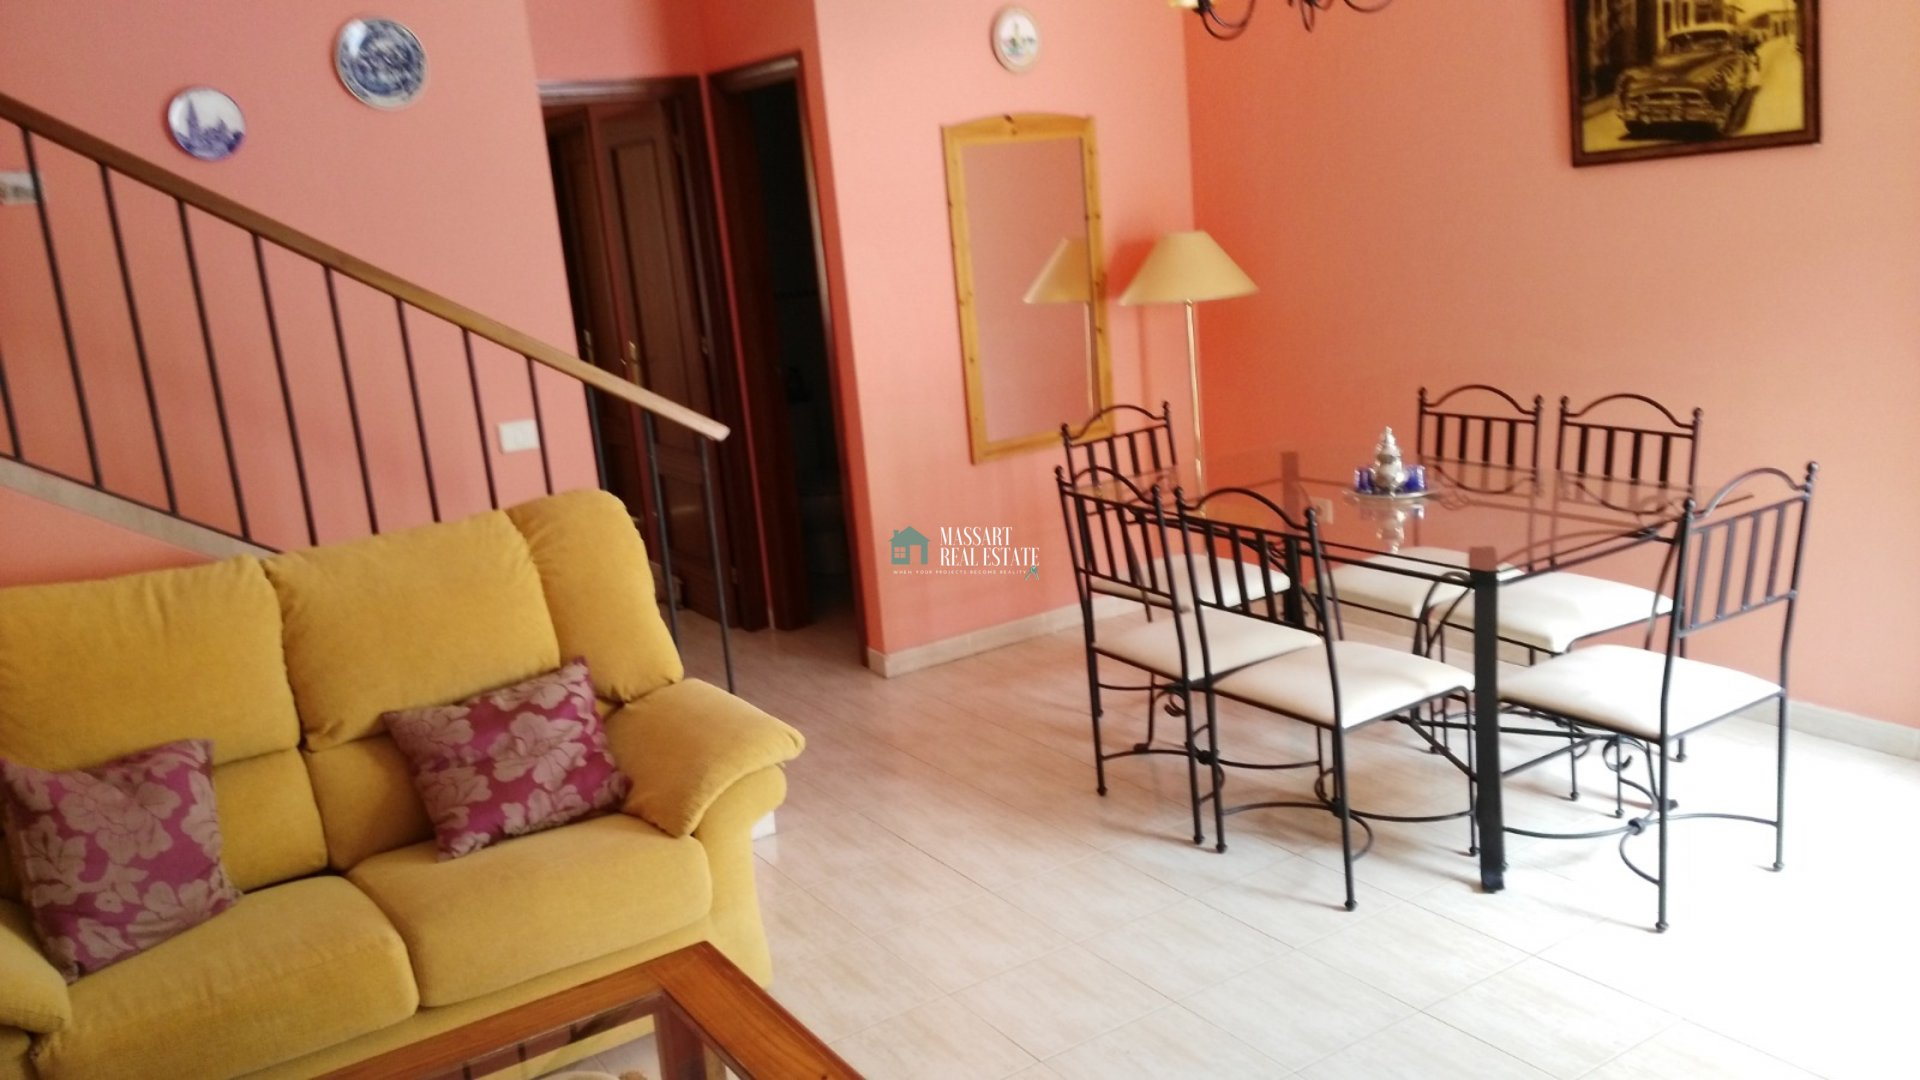 Chalet adosado completamente amueblado de 92 m2 ubicado en en la zona residencial de Los Cardones, en San Isidro.